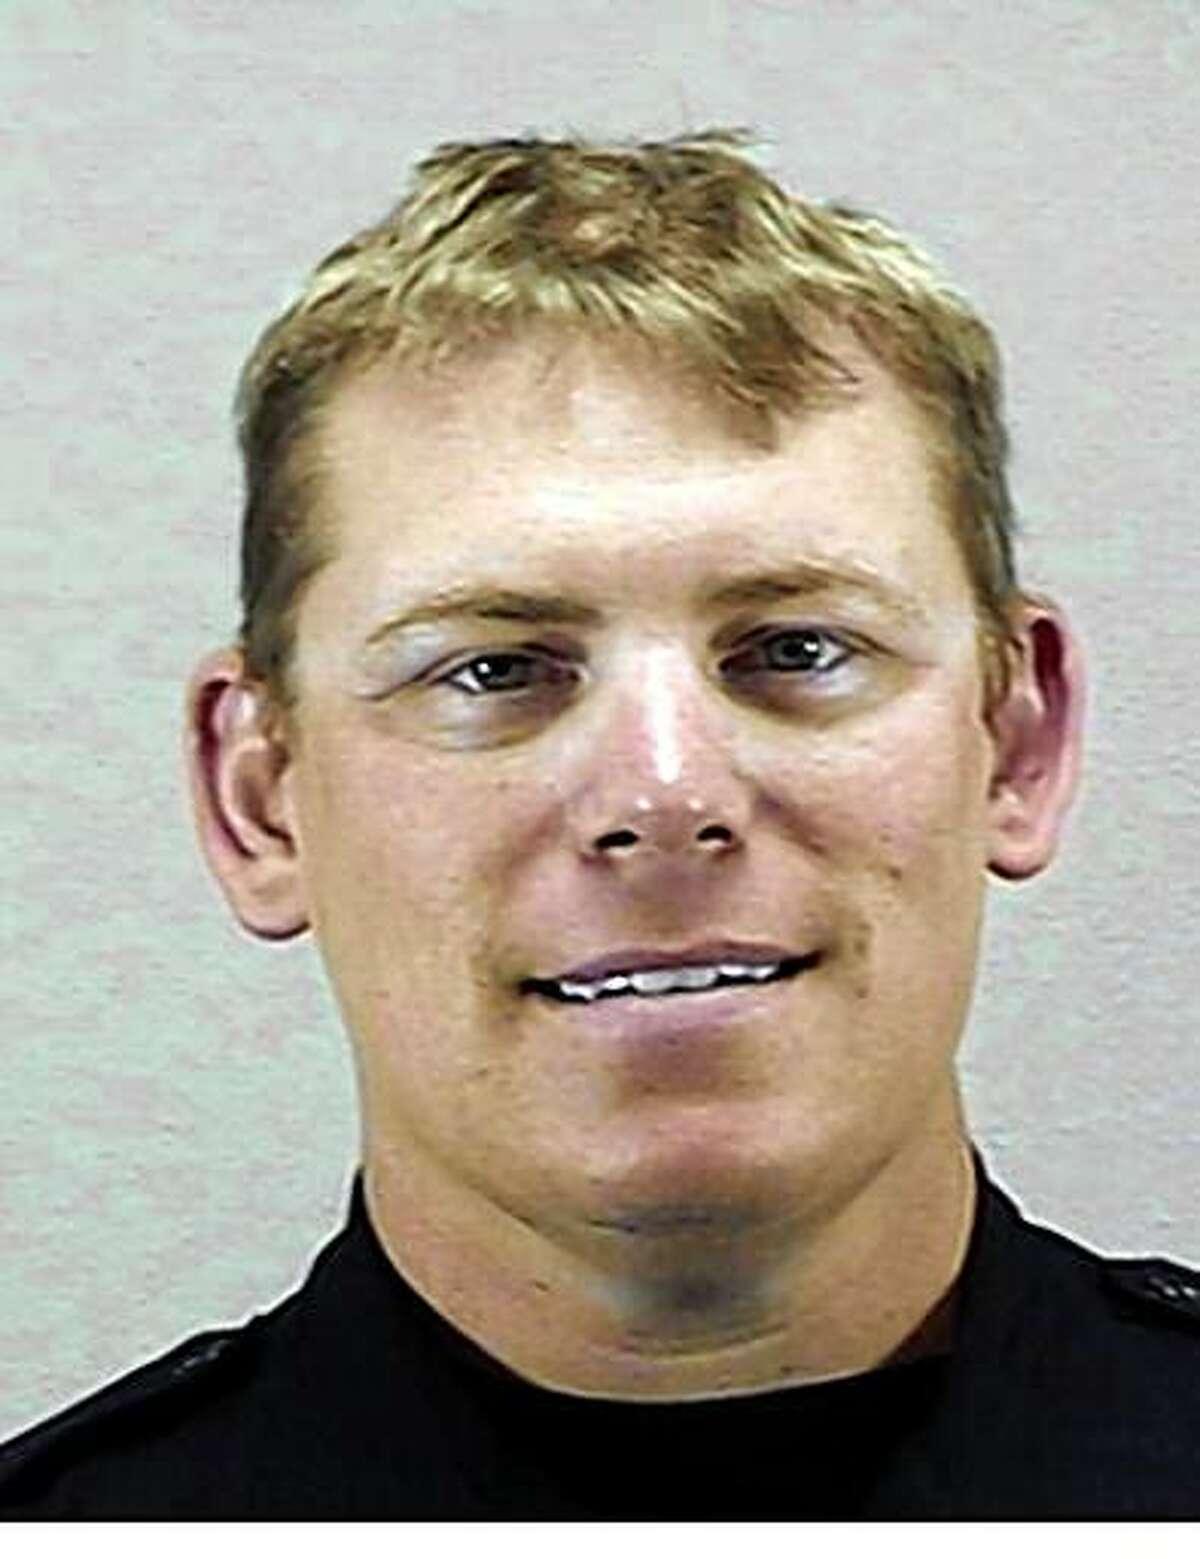 Sgt. Mark Dunakin